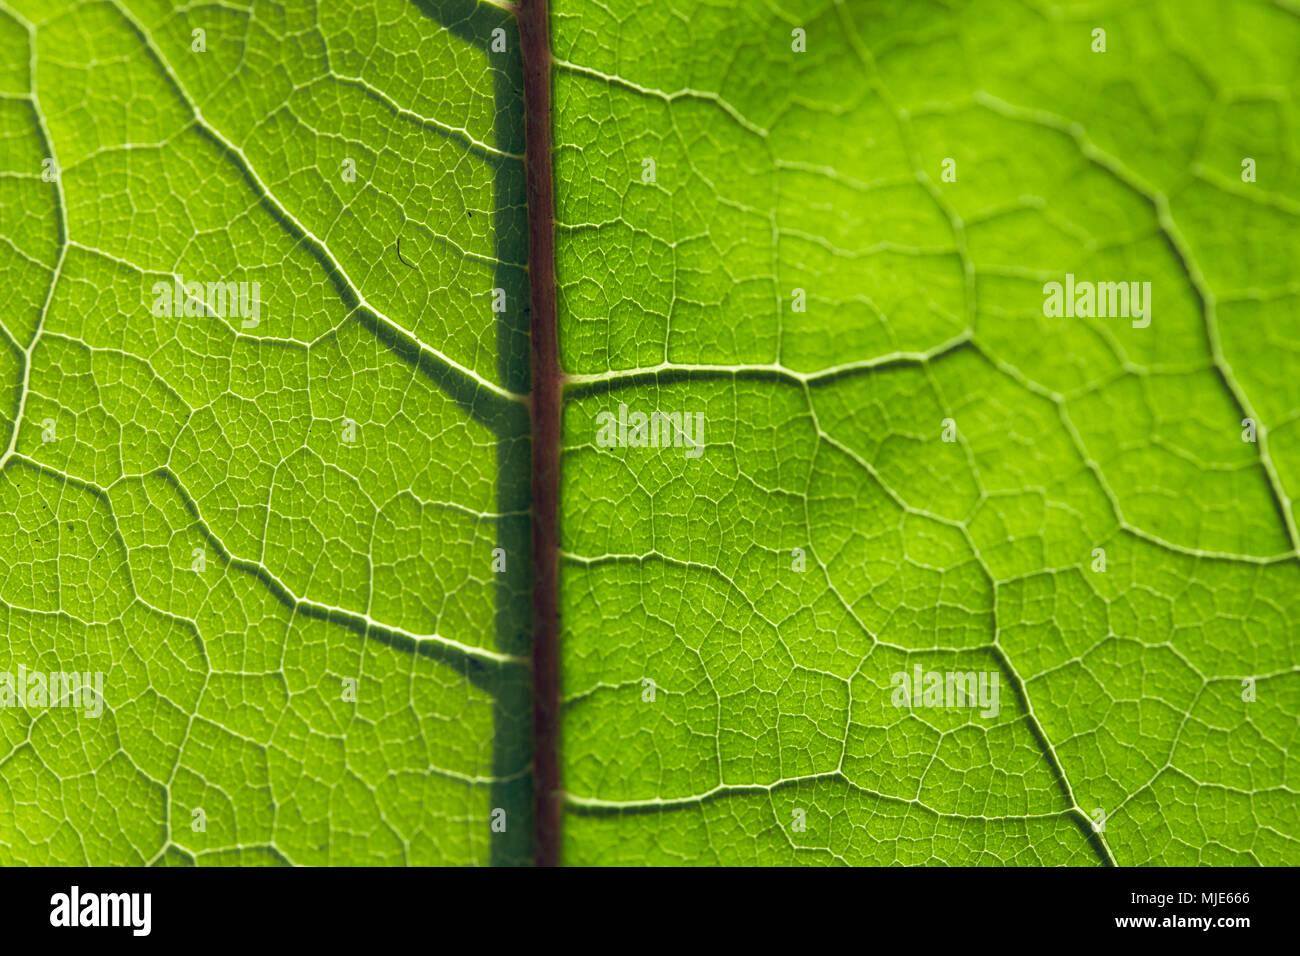 Les veines de la ramification d'une feuille verte, détail, Close up Photo Stock